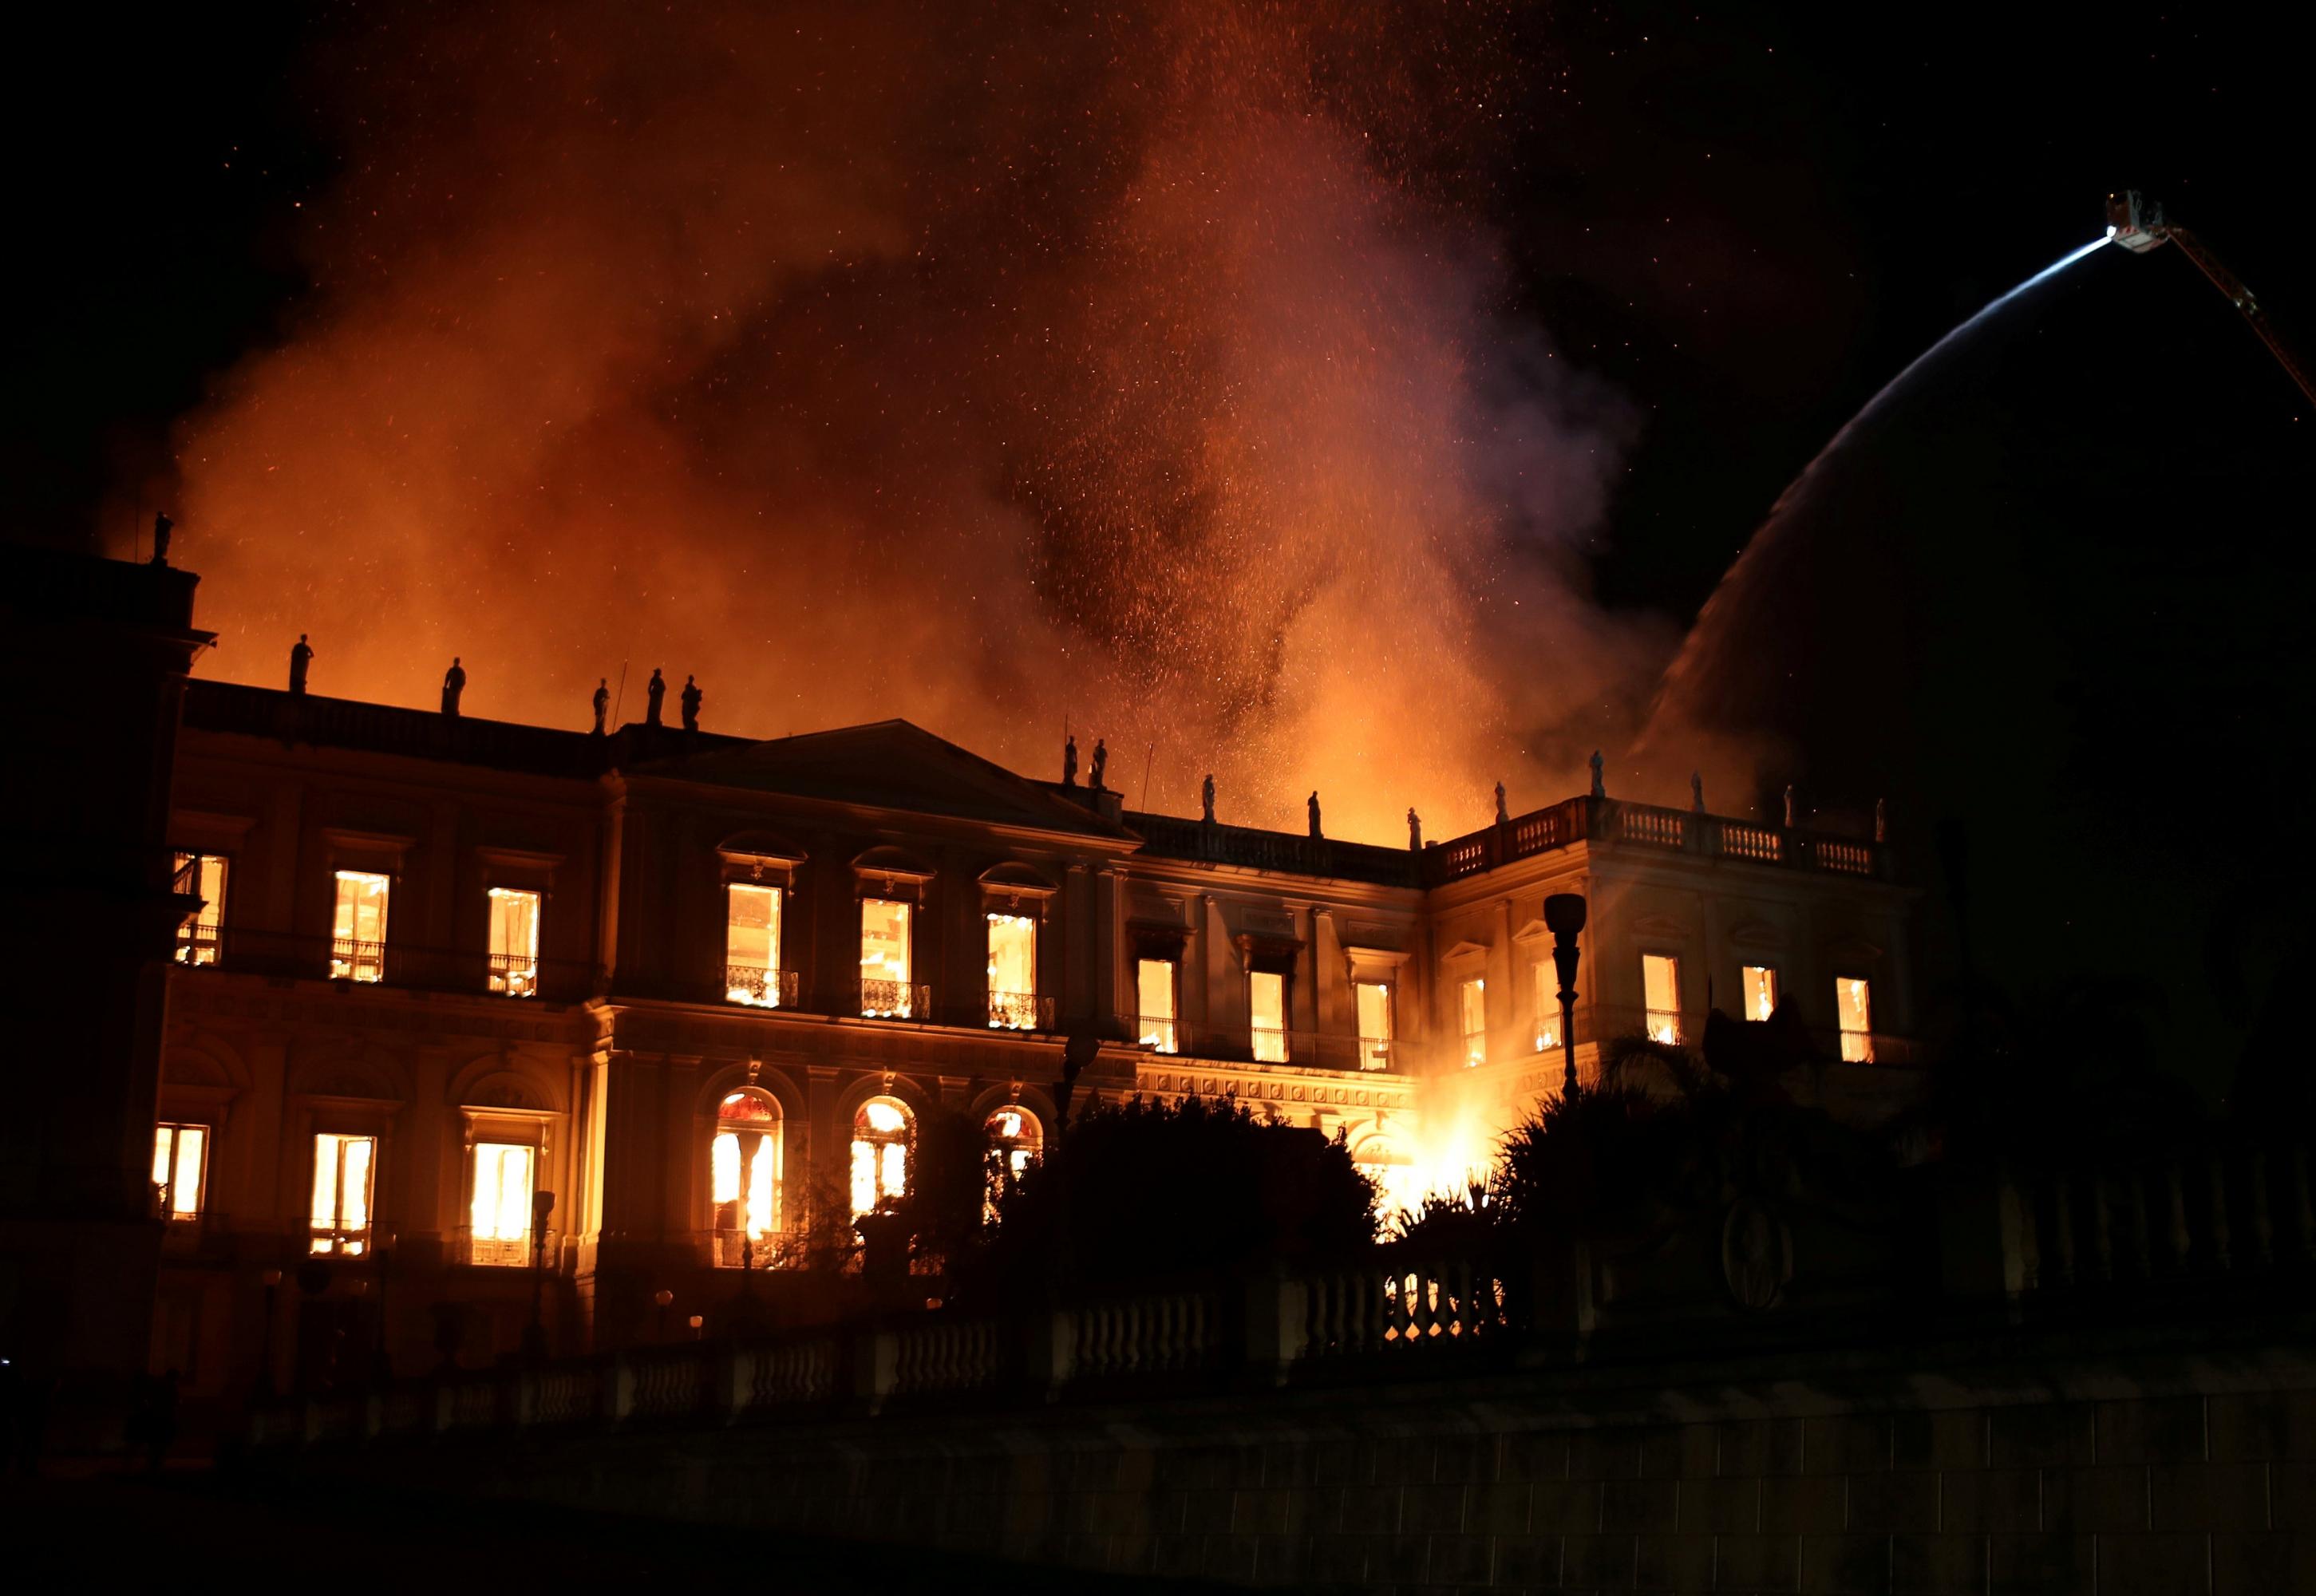 Un enorme incendio arrasó un museo de 200 años en Rio de Janeiro el domingo. | Foto: Reuters